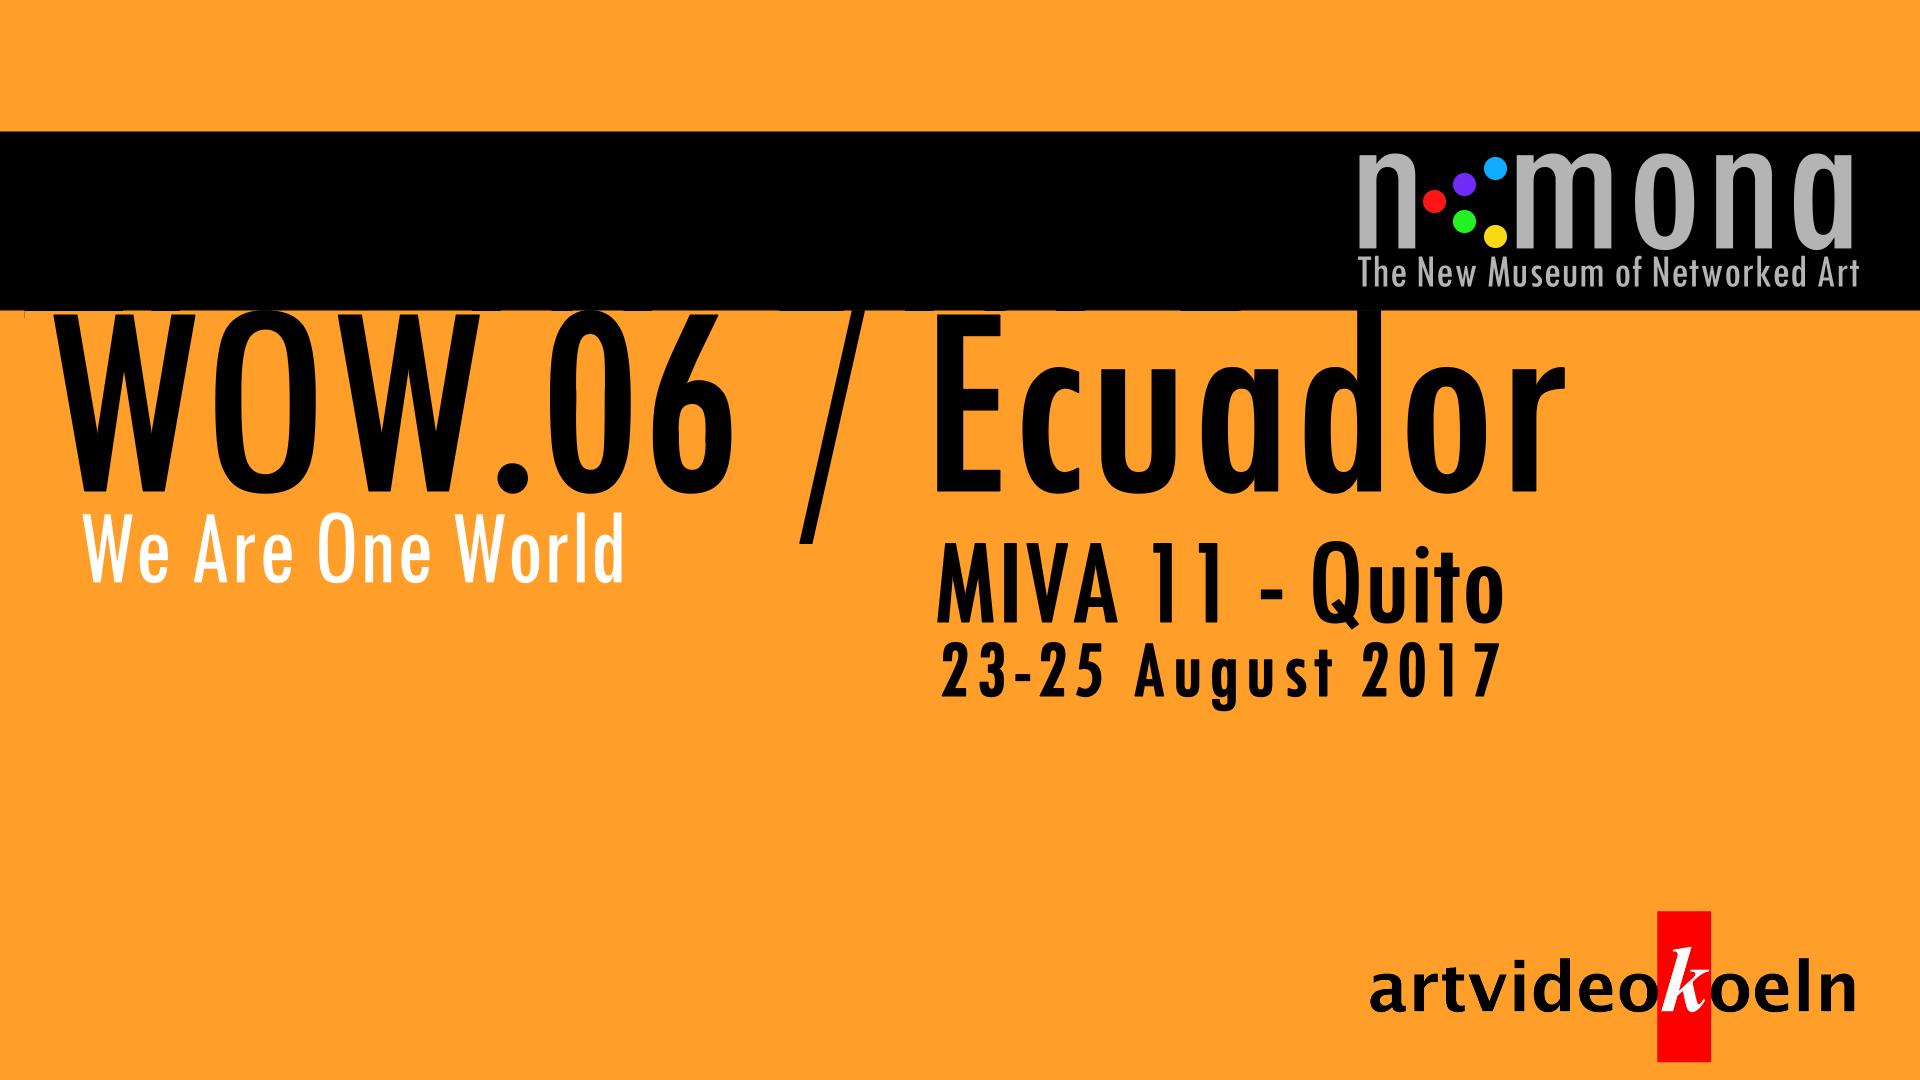 WOW.06 / Ecuador